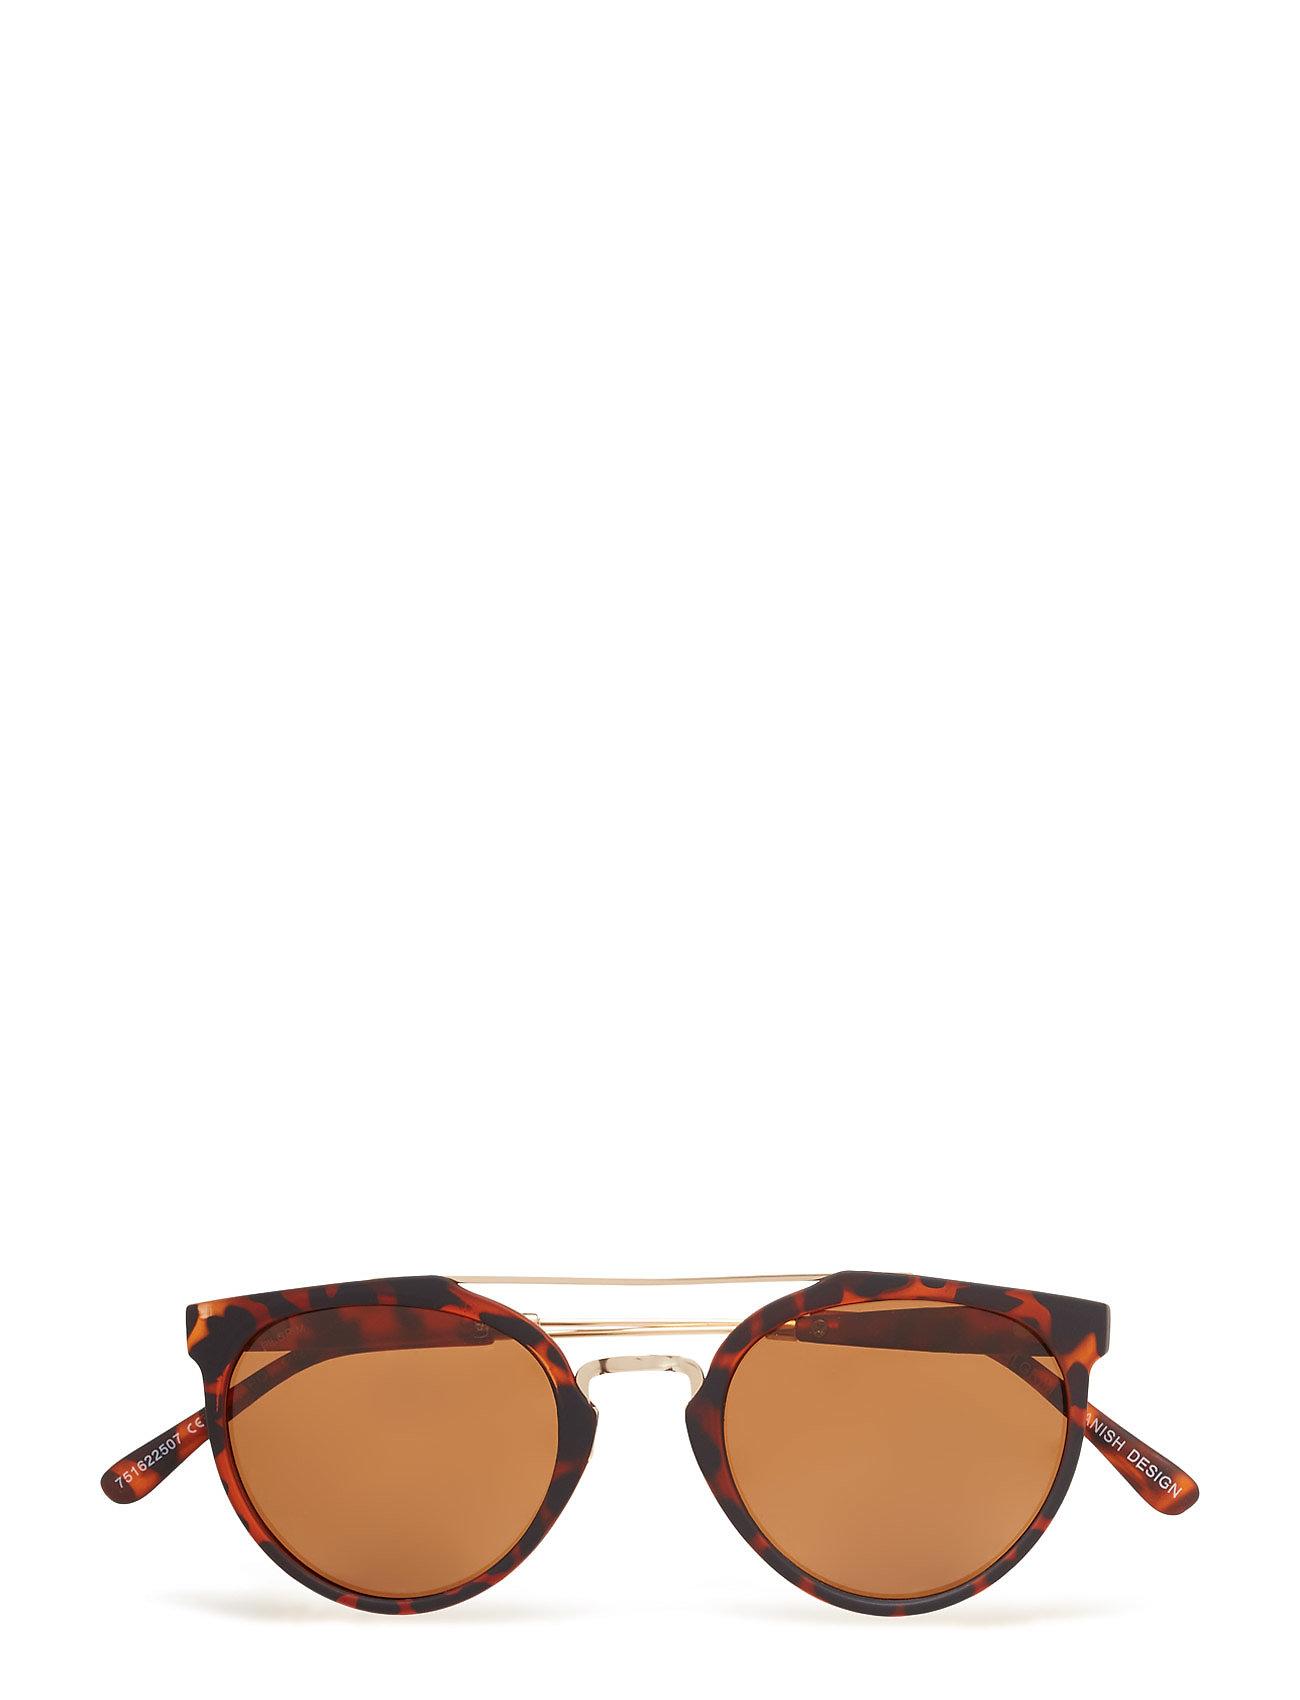 844ccd807f99 Sunglasses Pilgrim Solbriller til Damer i